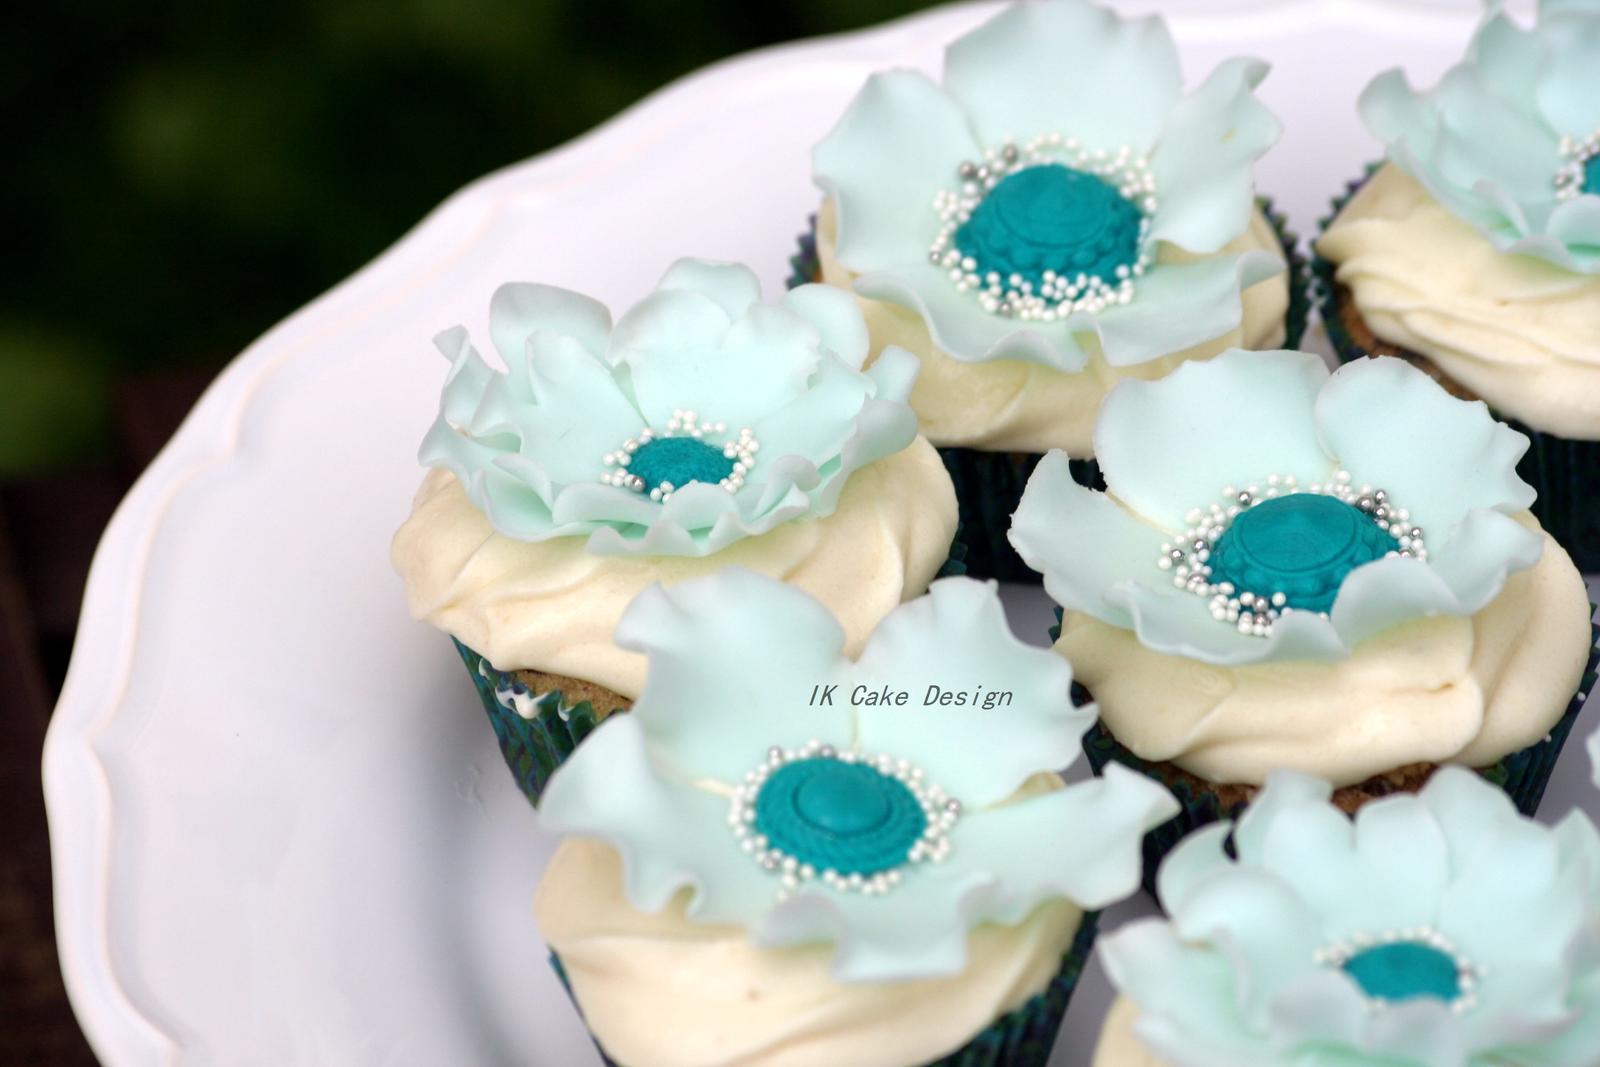 co taketo cupcakes? znama... - Obrázok č. 4